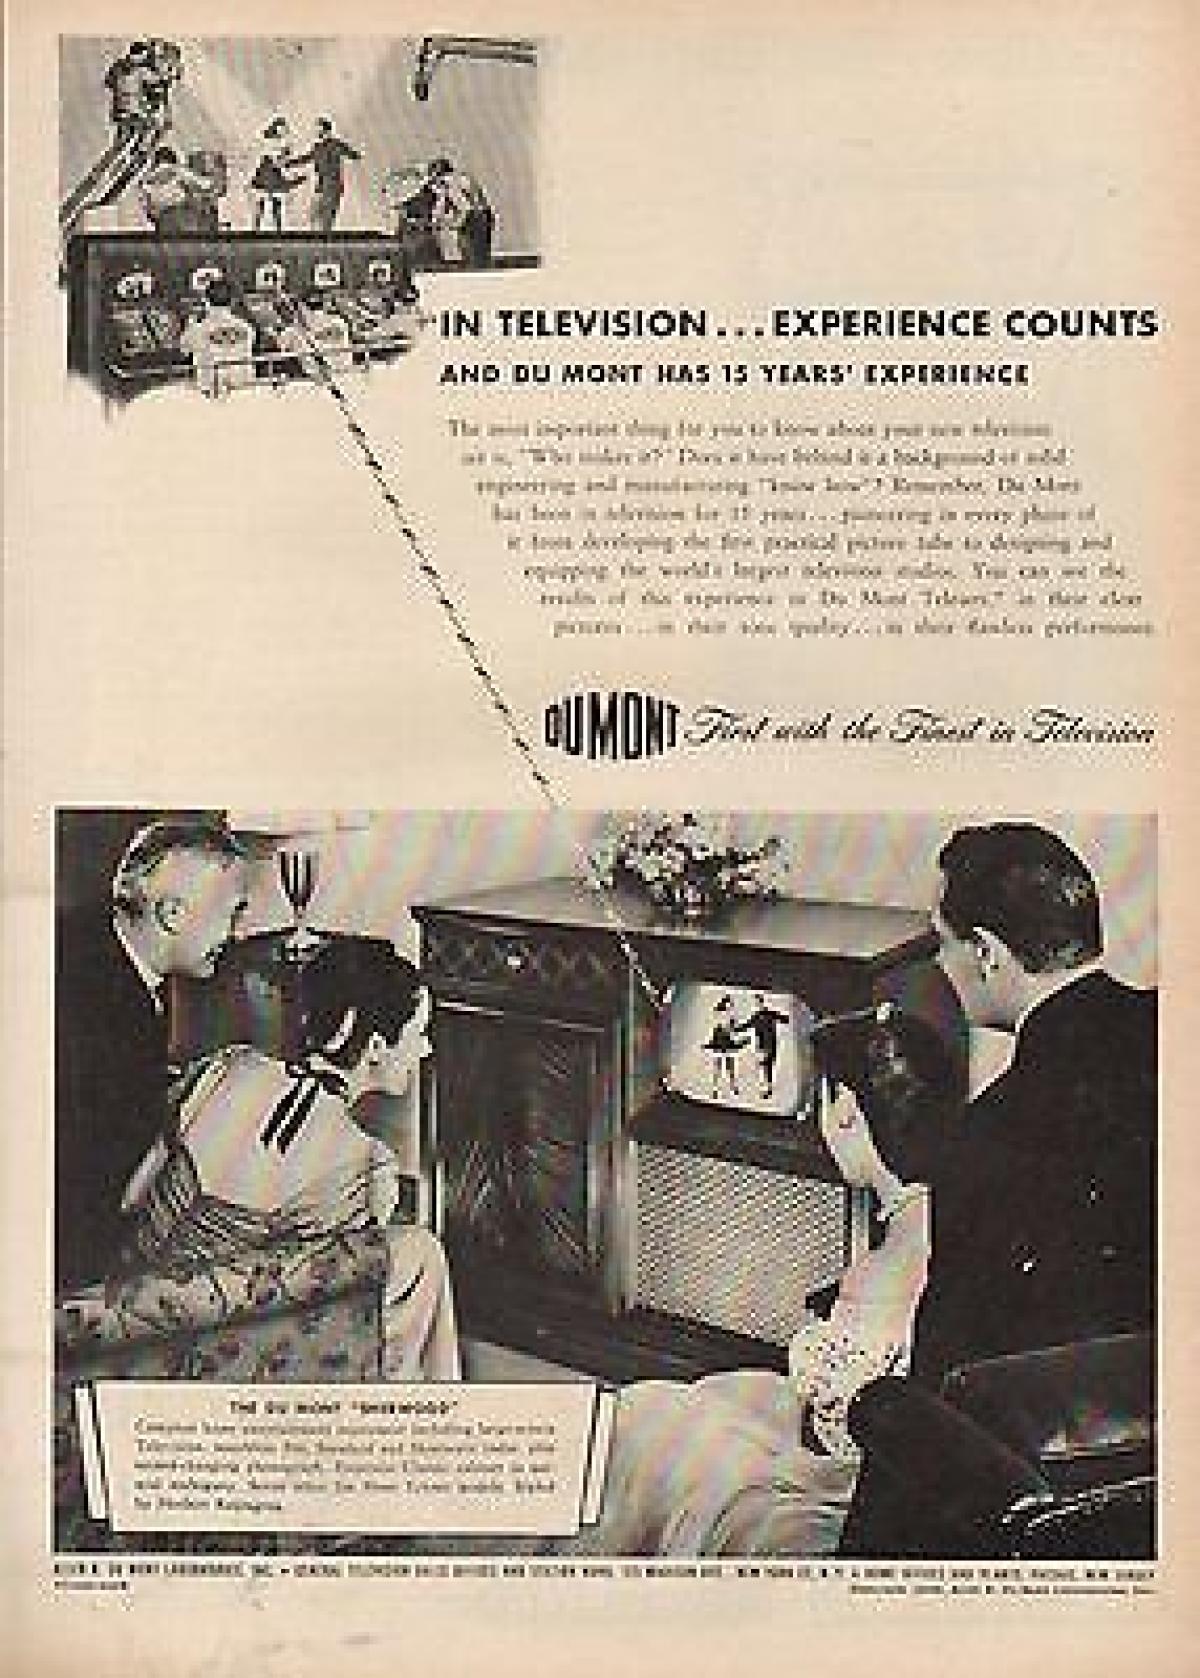 Publicité pour les postes de télévision DuMont, en 1946.